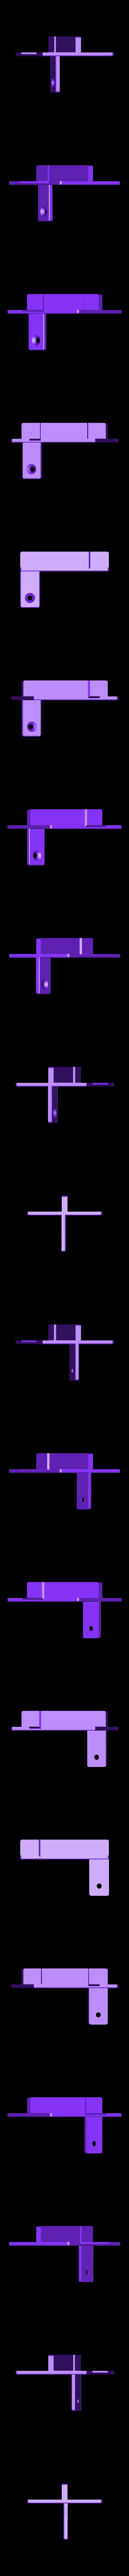 Connector_Corner-step_Right_v2.stl Download free STL file LACK Shelving System • Model to 3D print, HeyVye